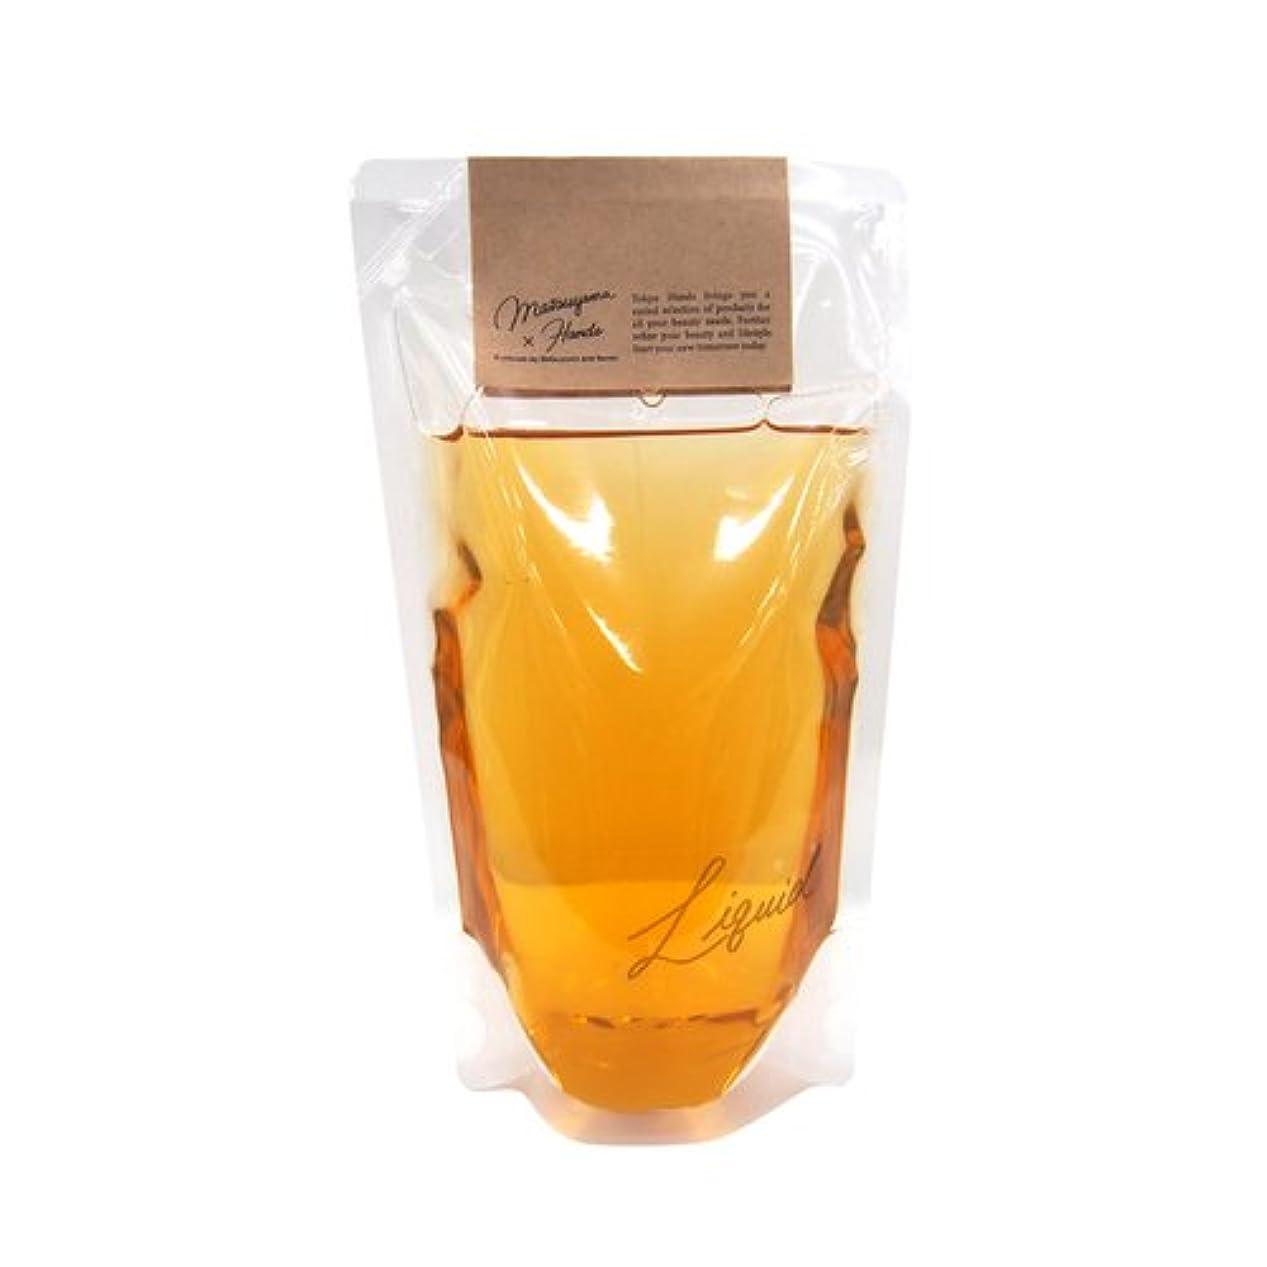 ペインティング単語連鎖松山油脂×東急ハンズ 東急ハンズオリジナル モイスチャーリキッドソープ カモミール替 280mL